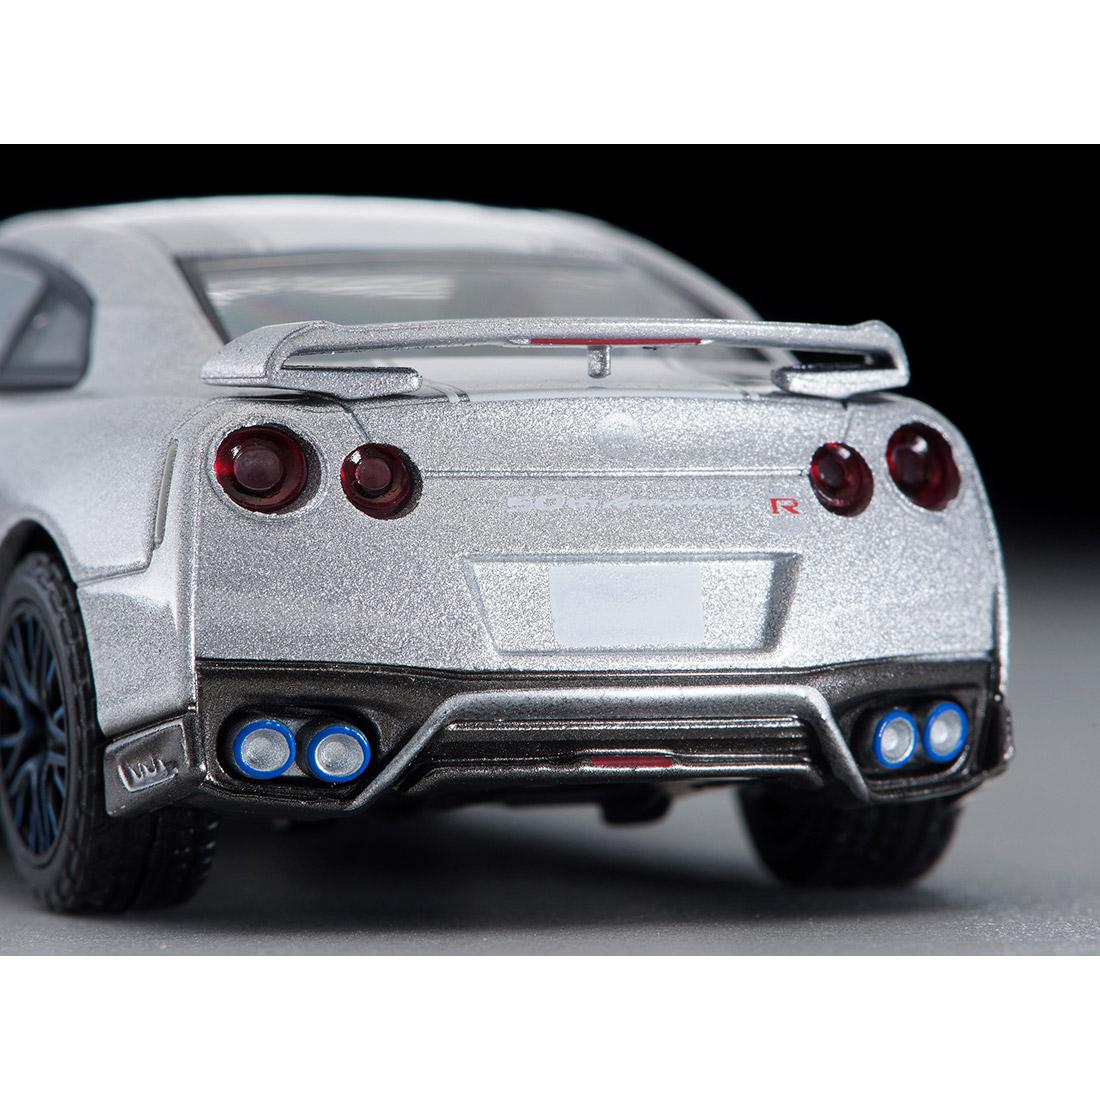 トミカリミテッドヴィンテージ ネオ LV-N200a『日産GT-R 50th ANNIVERSARY(青)』1/64 ミニカー-018